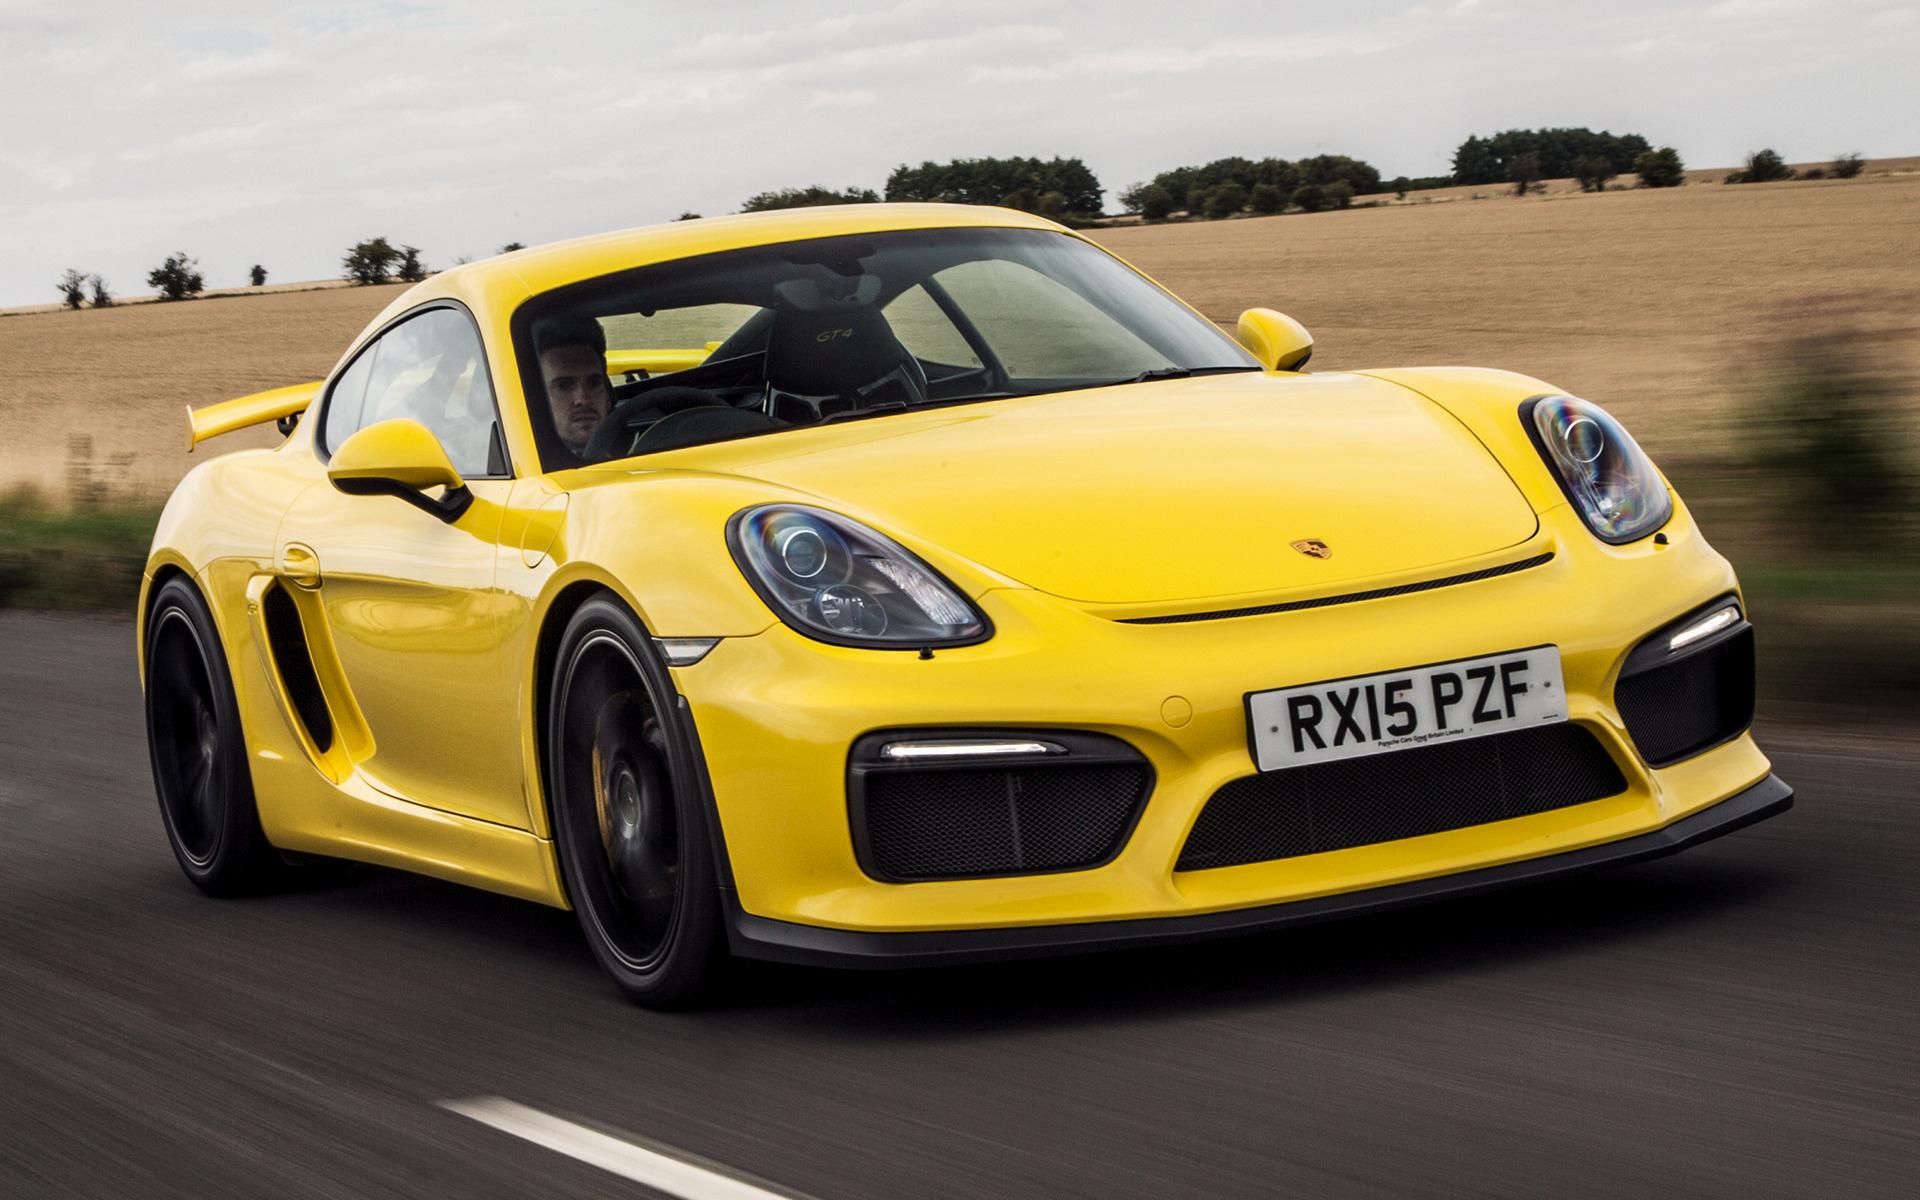 Cayman Gt4 Wall Paper: 2015 Porsche Cayman GT4 (UK)